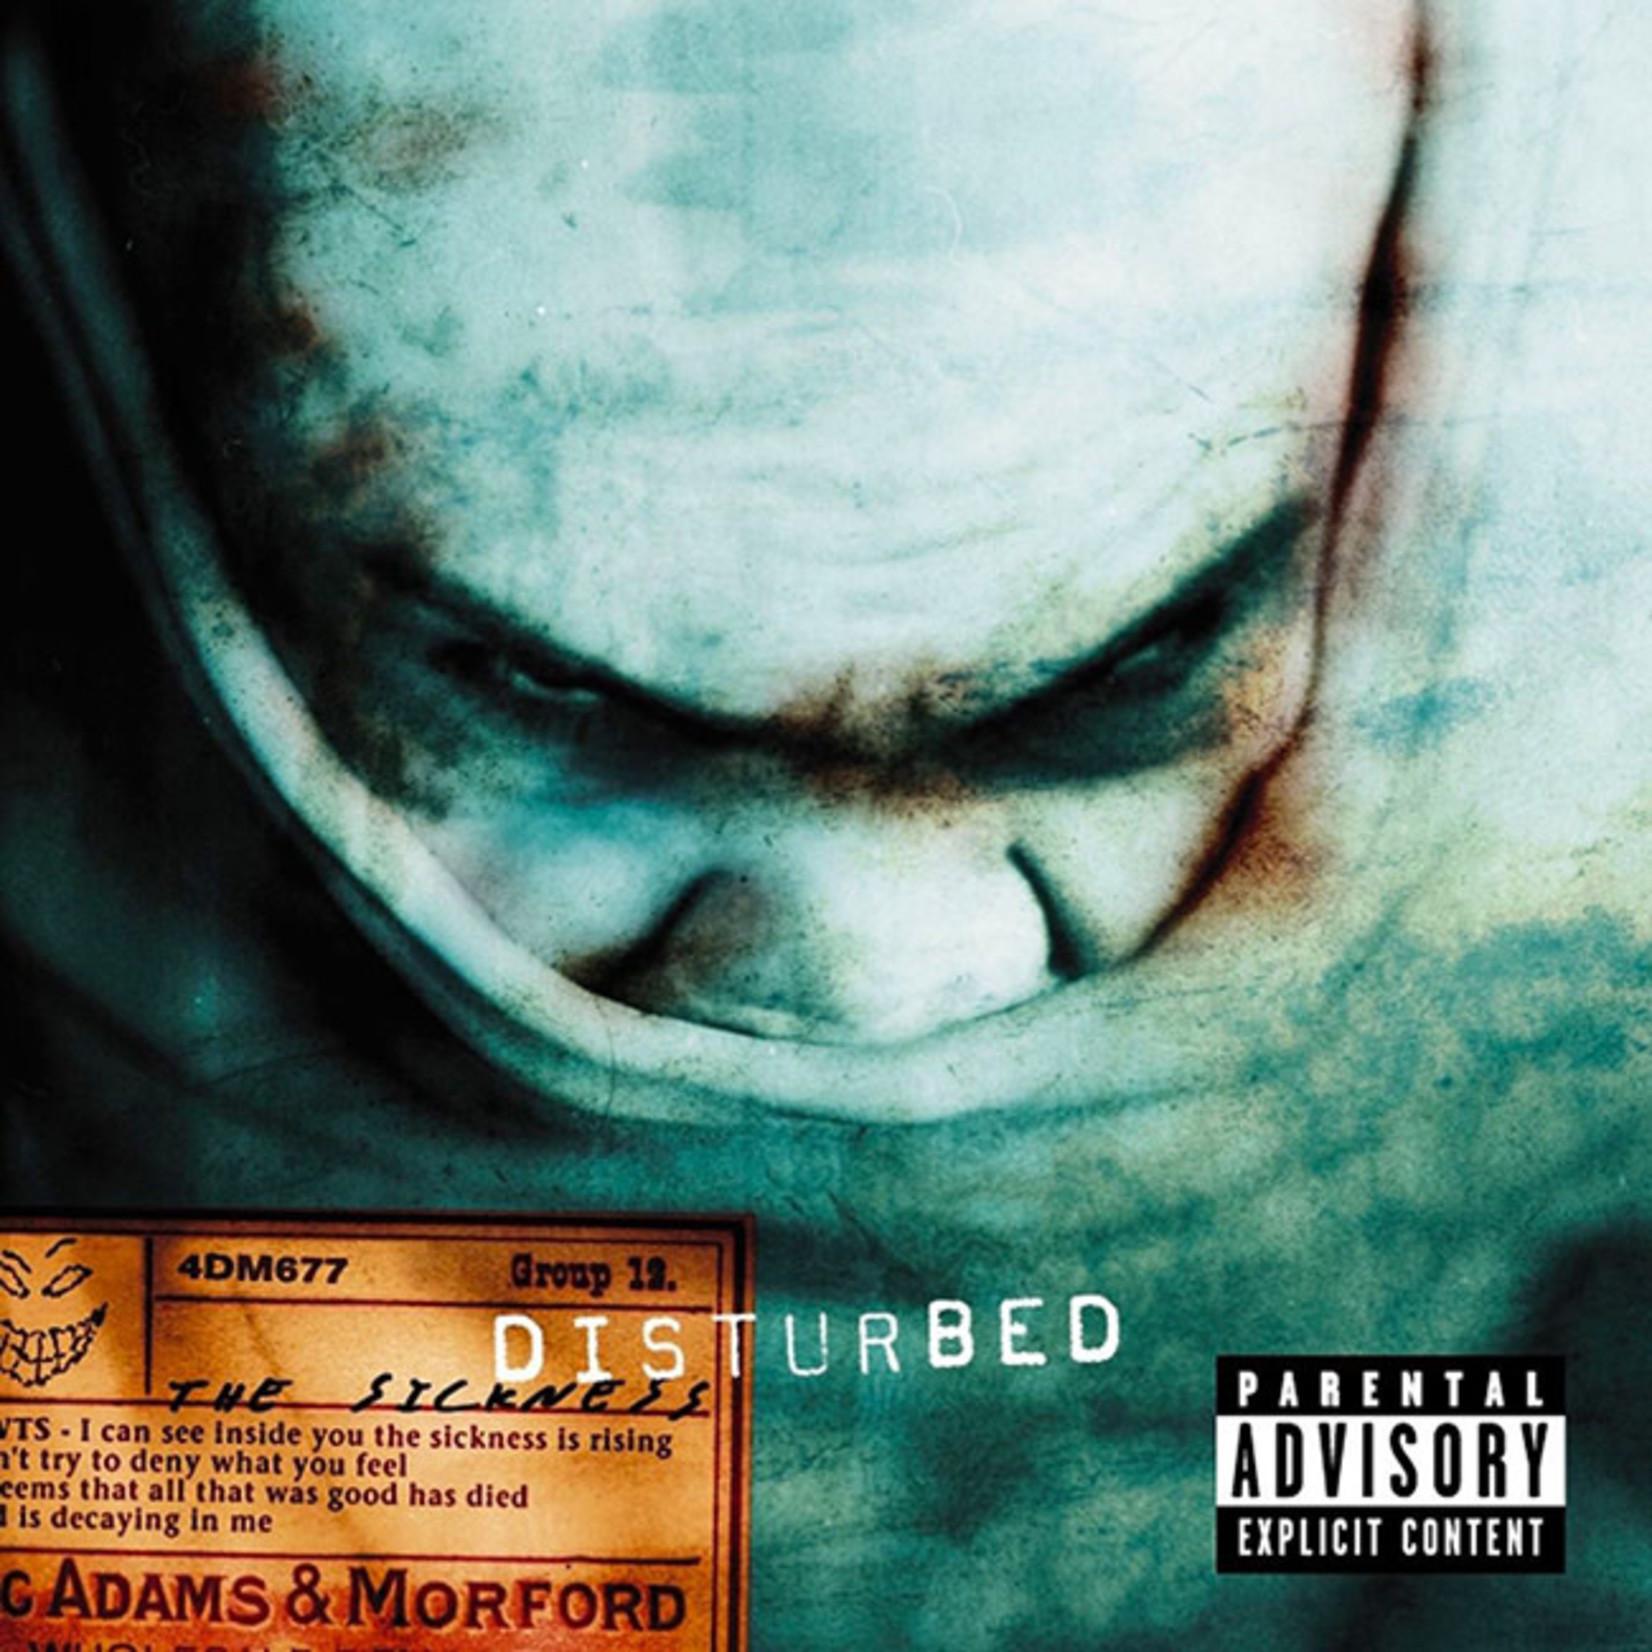 [New] Disturbed: The Sickness